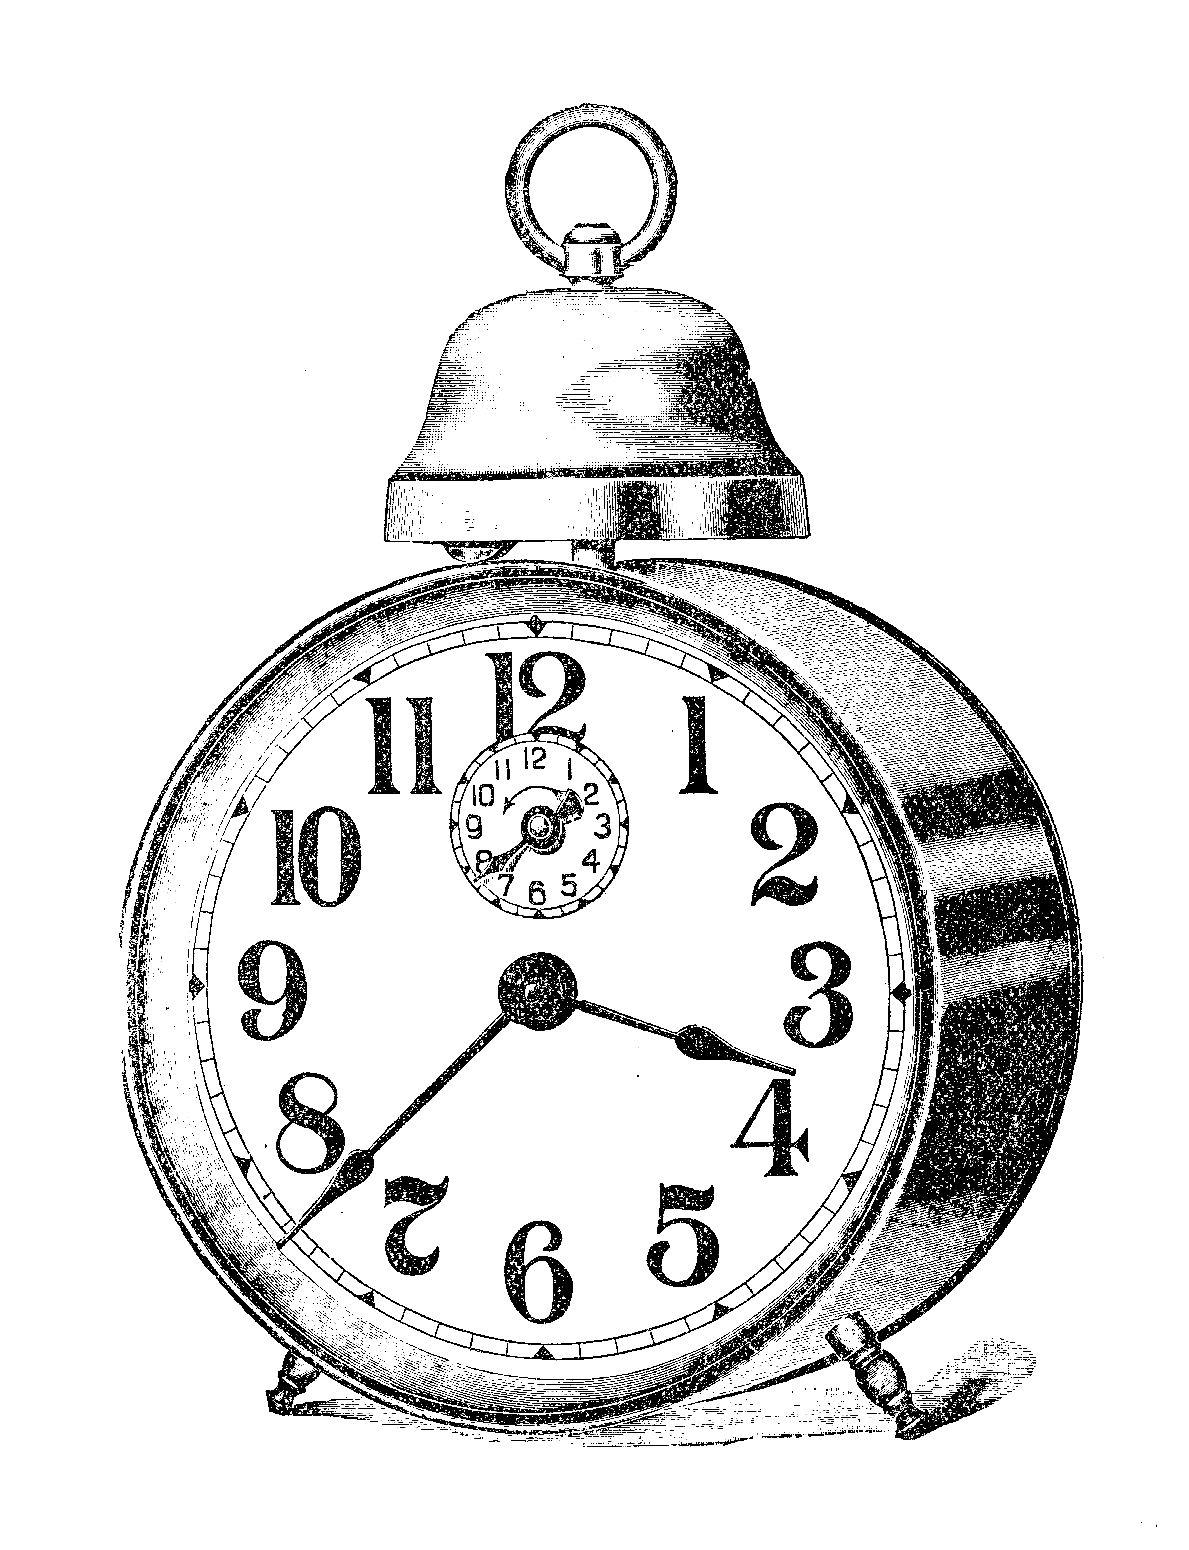 Digital Stamp Design Alarm Clock Vintage Illustration